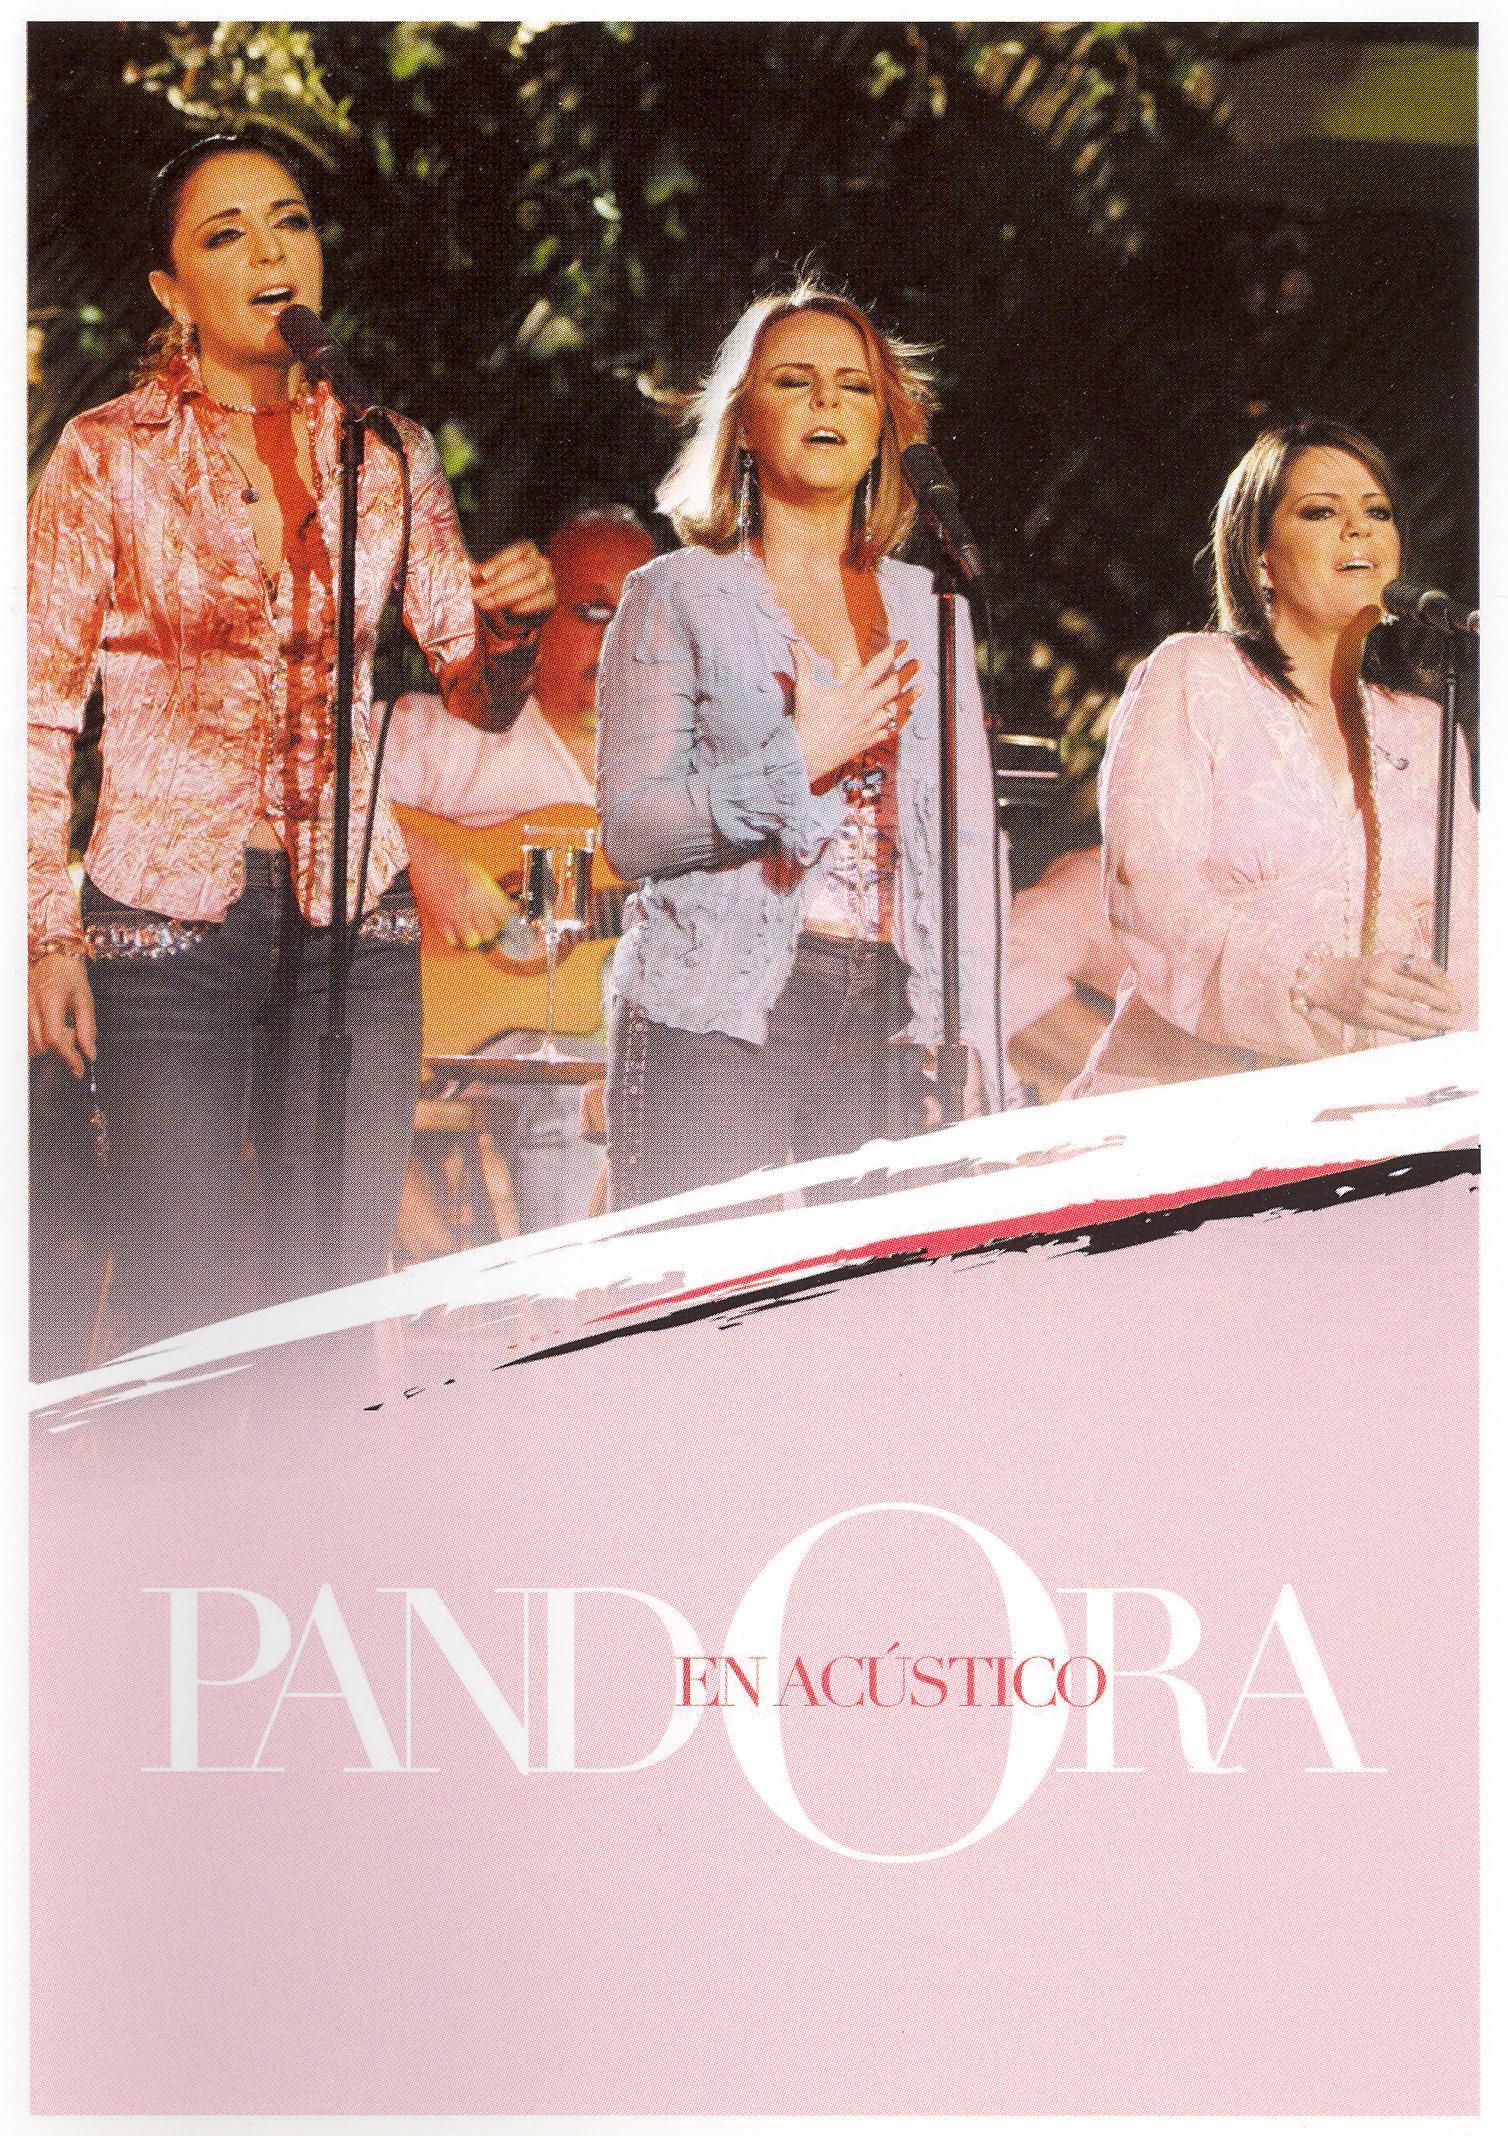 Pandora: En Acustico